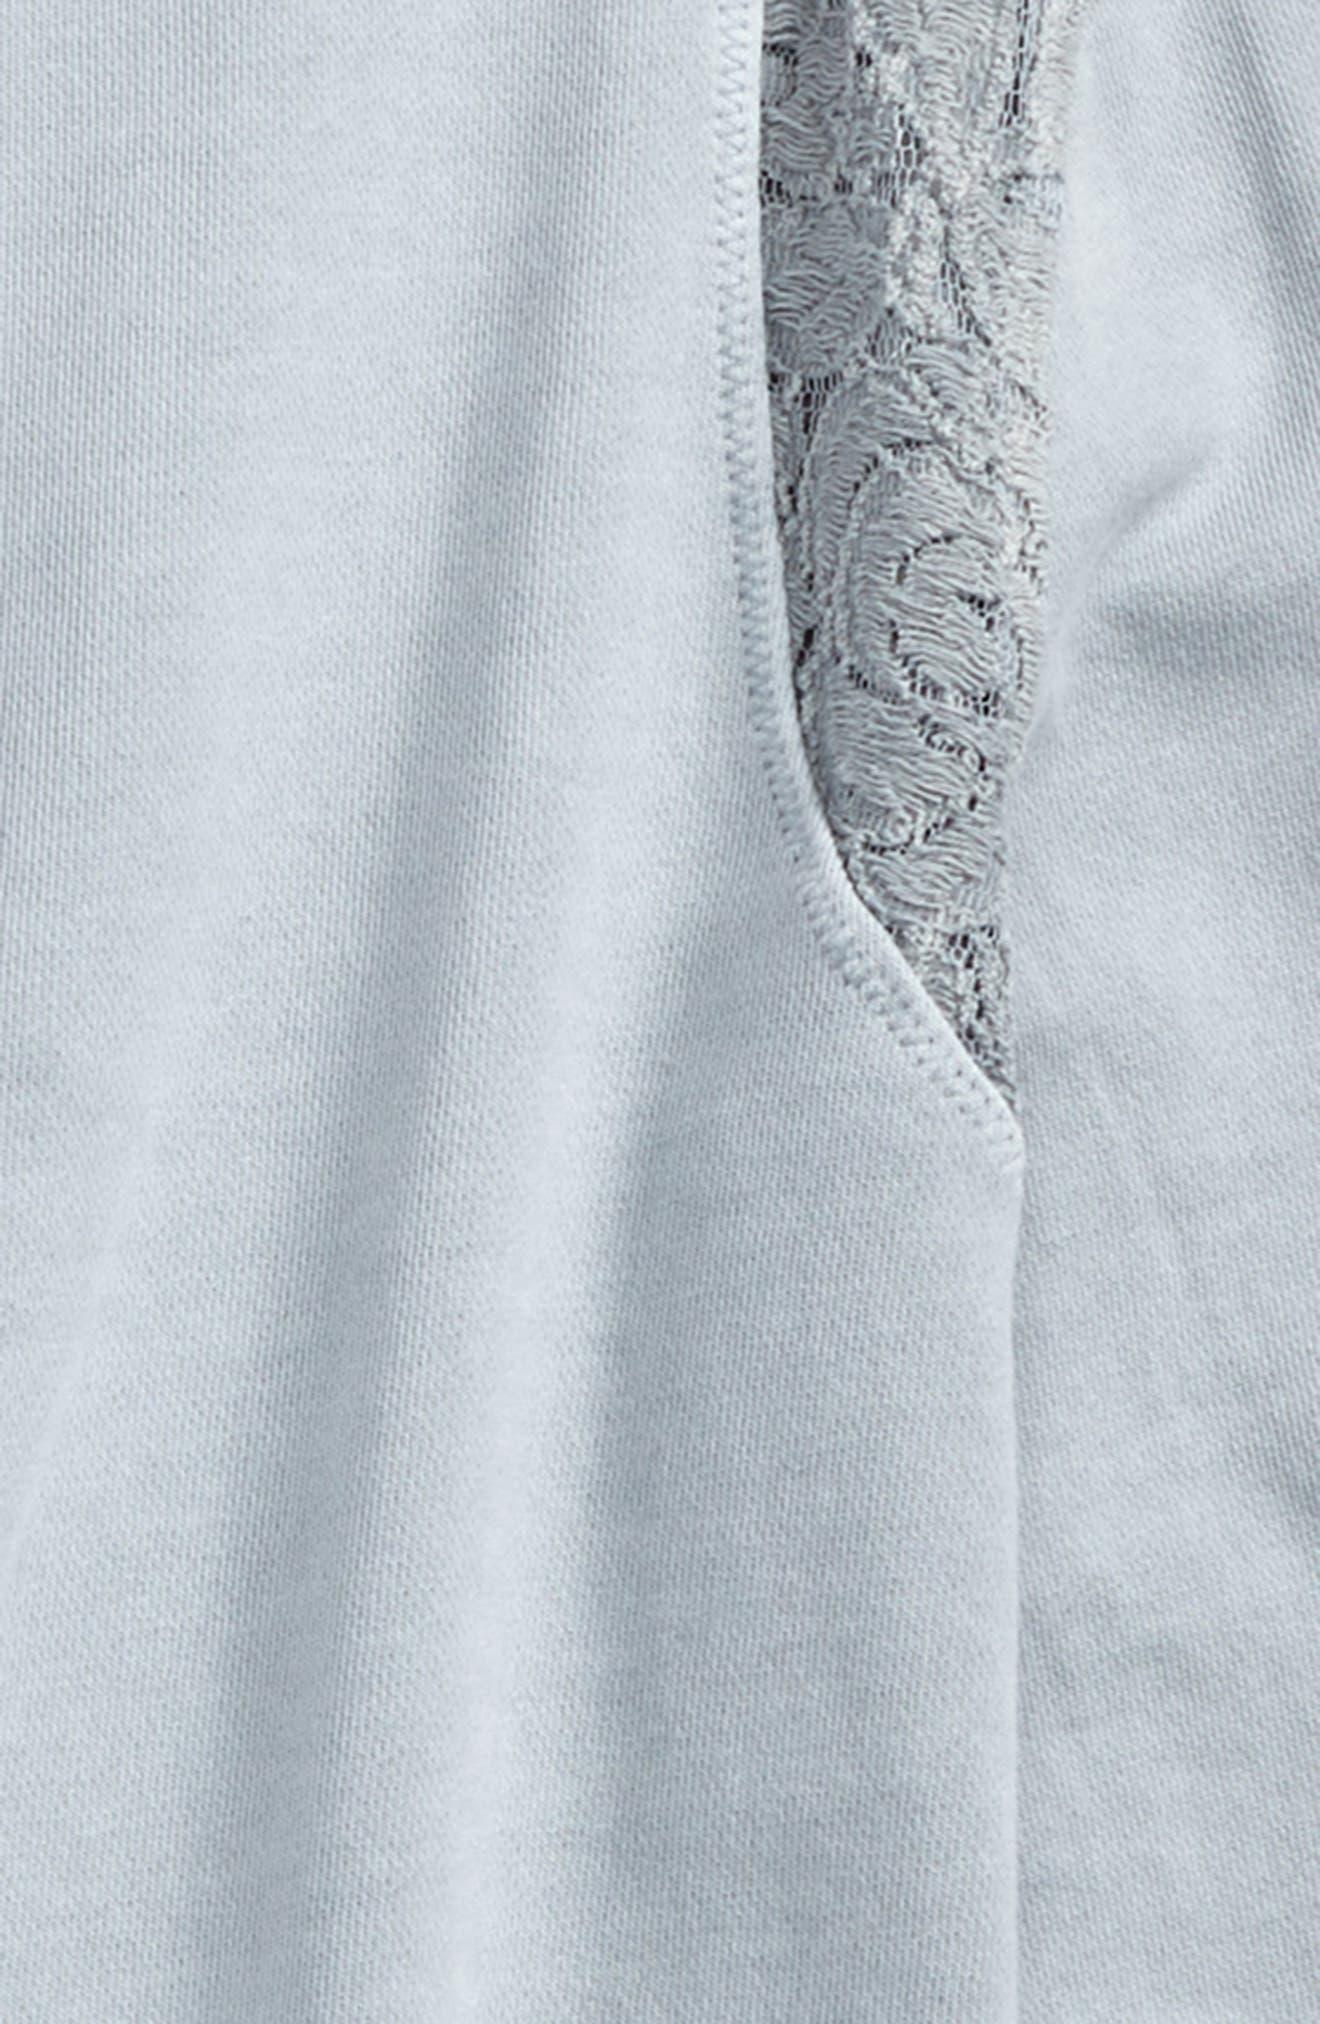 Lace Sweatshirt,                             Alternate thumbnail 2, color,                             098